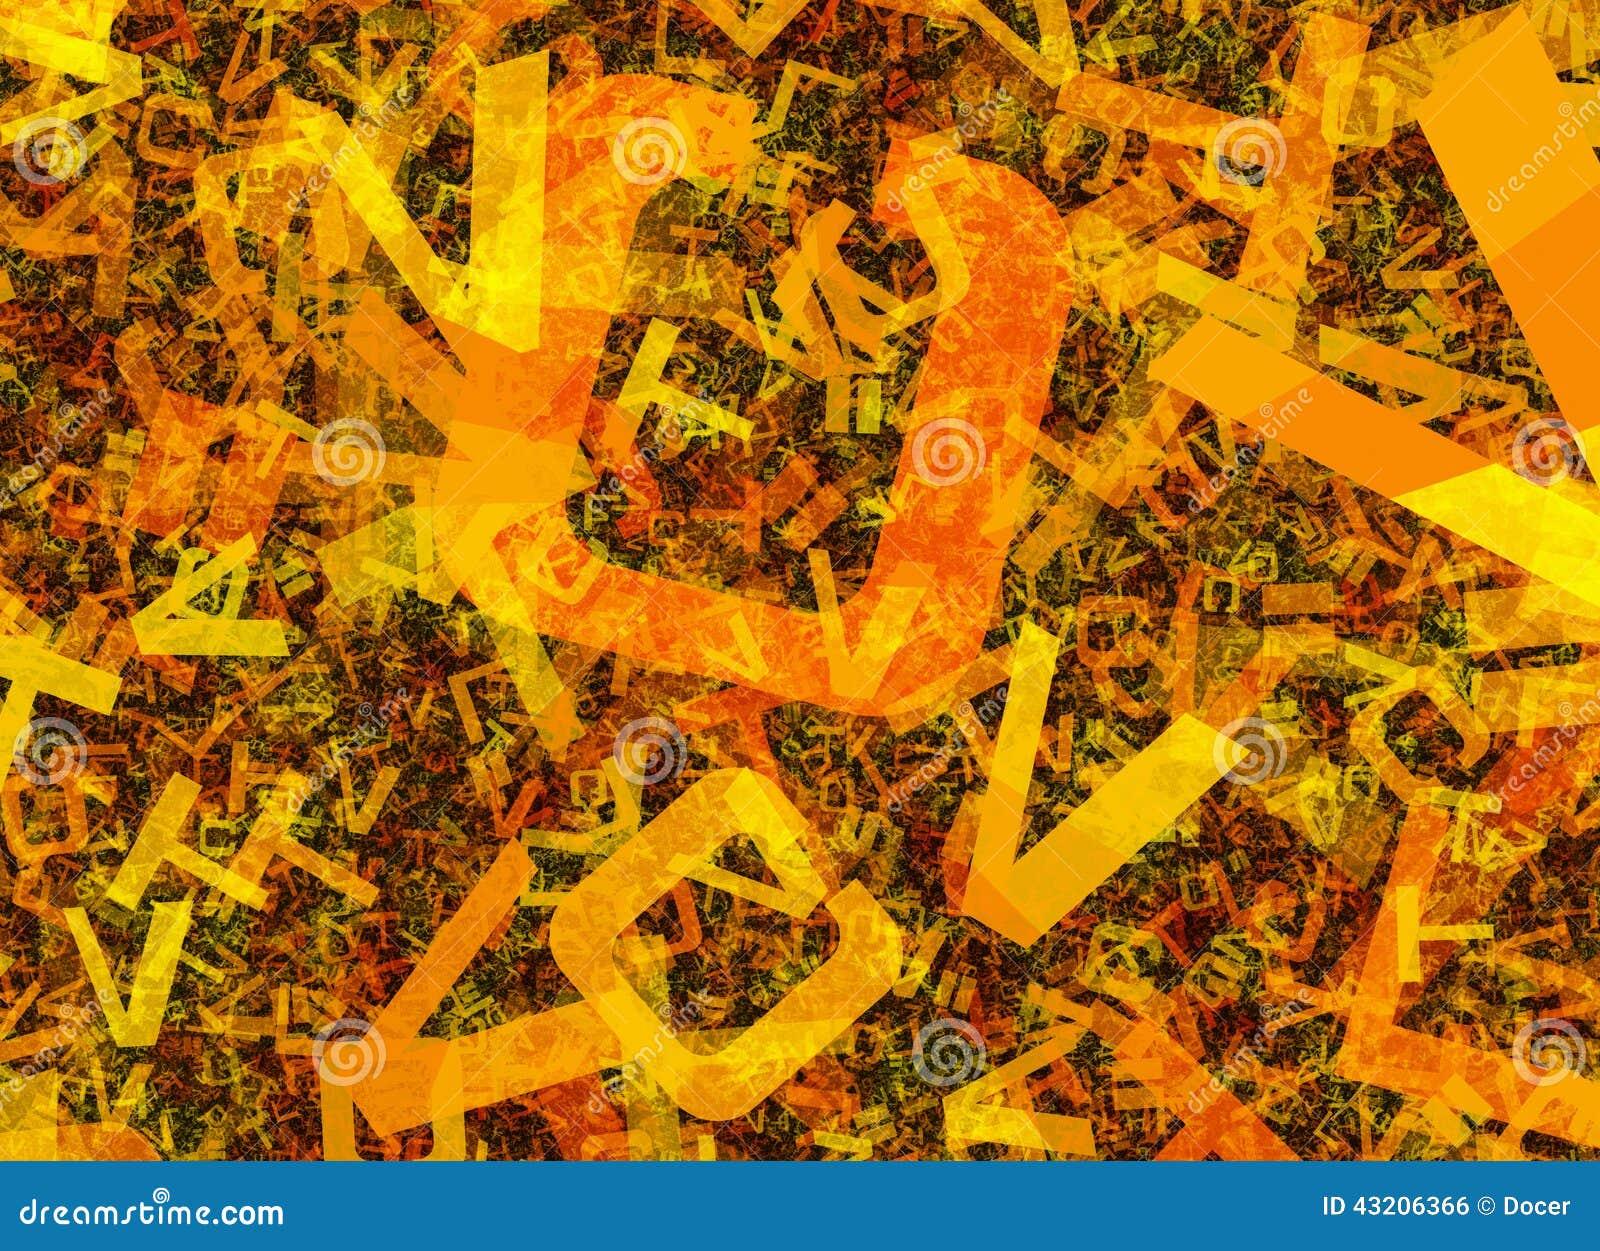 Velen vatten chaotische oranje alfabetbrieven samen